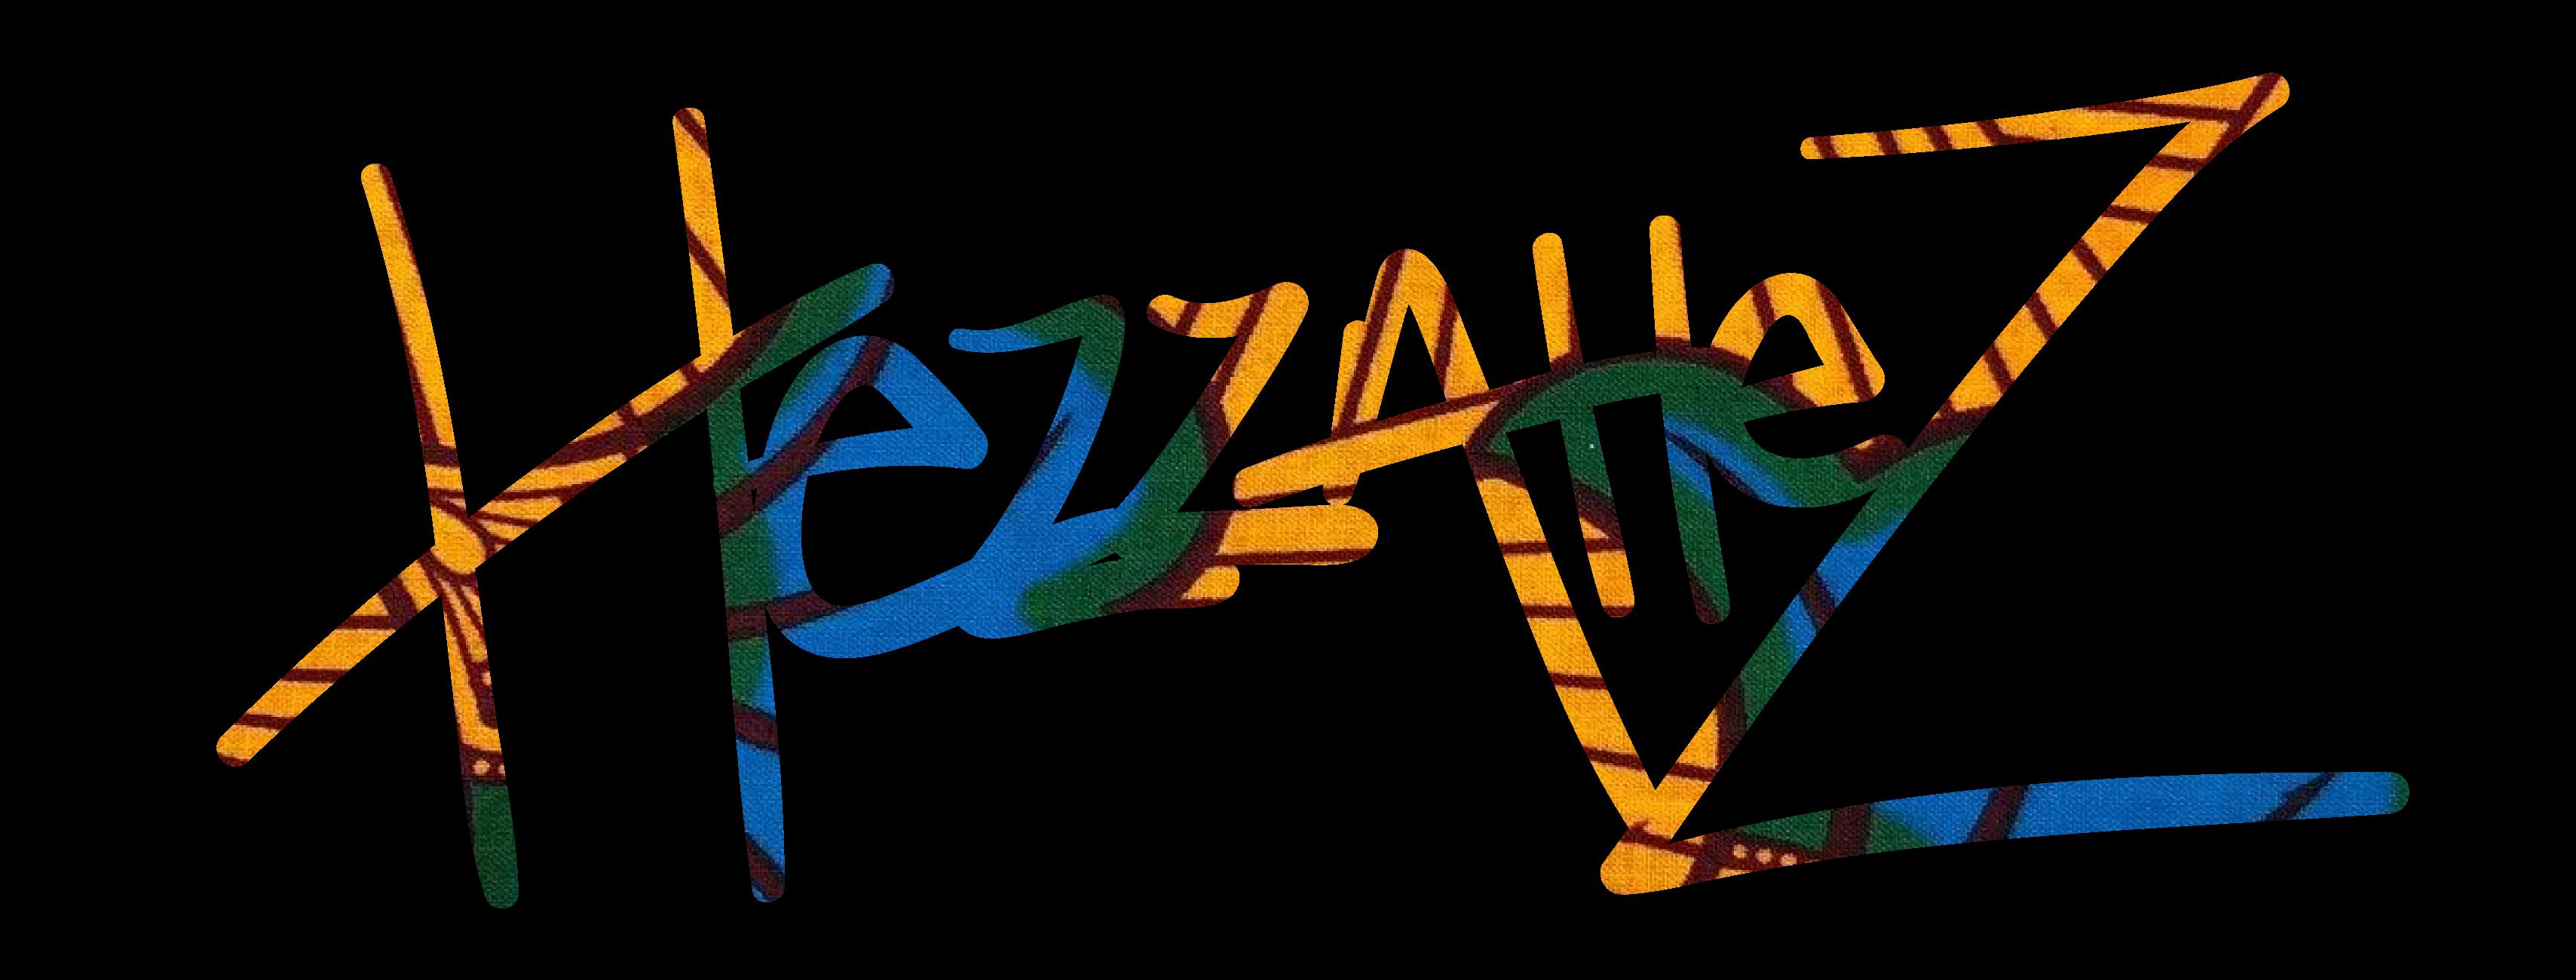 H Σ Z Z ▲ H Σ Z